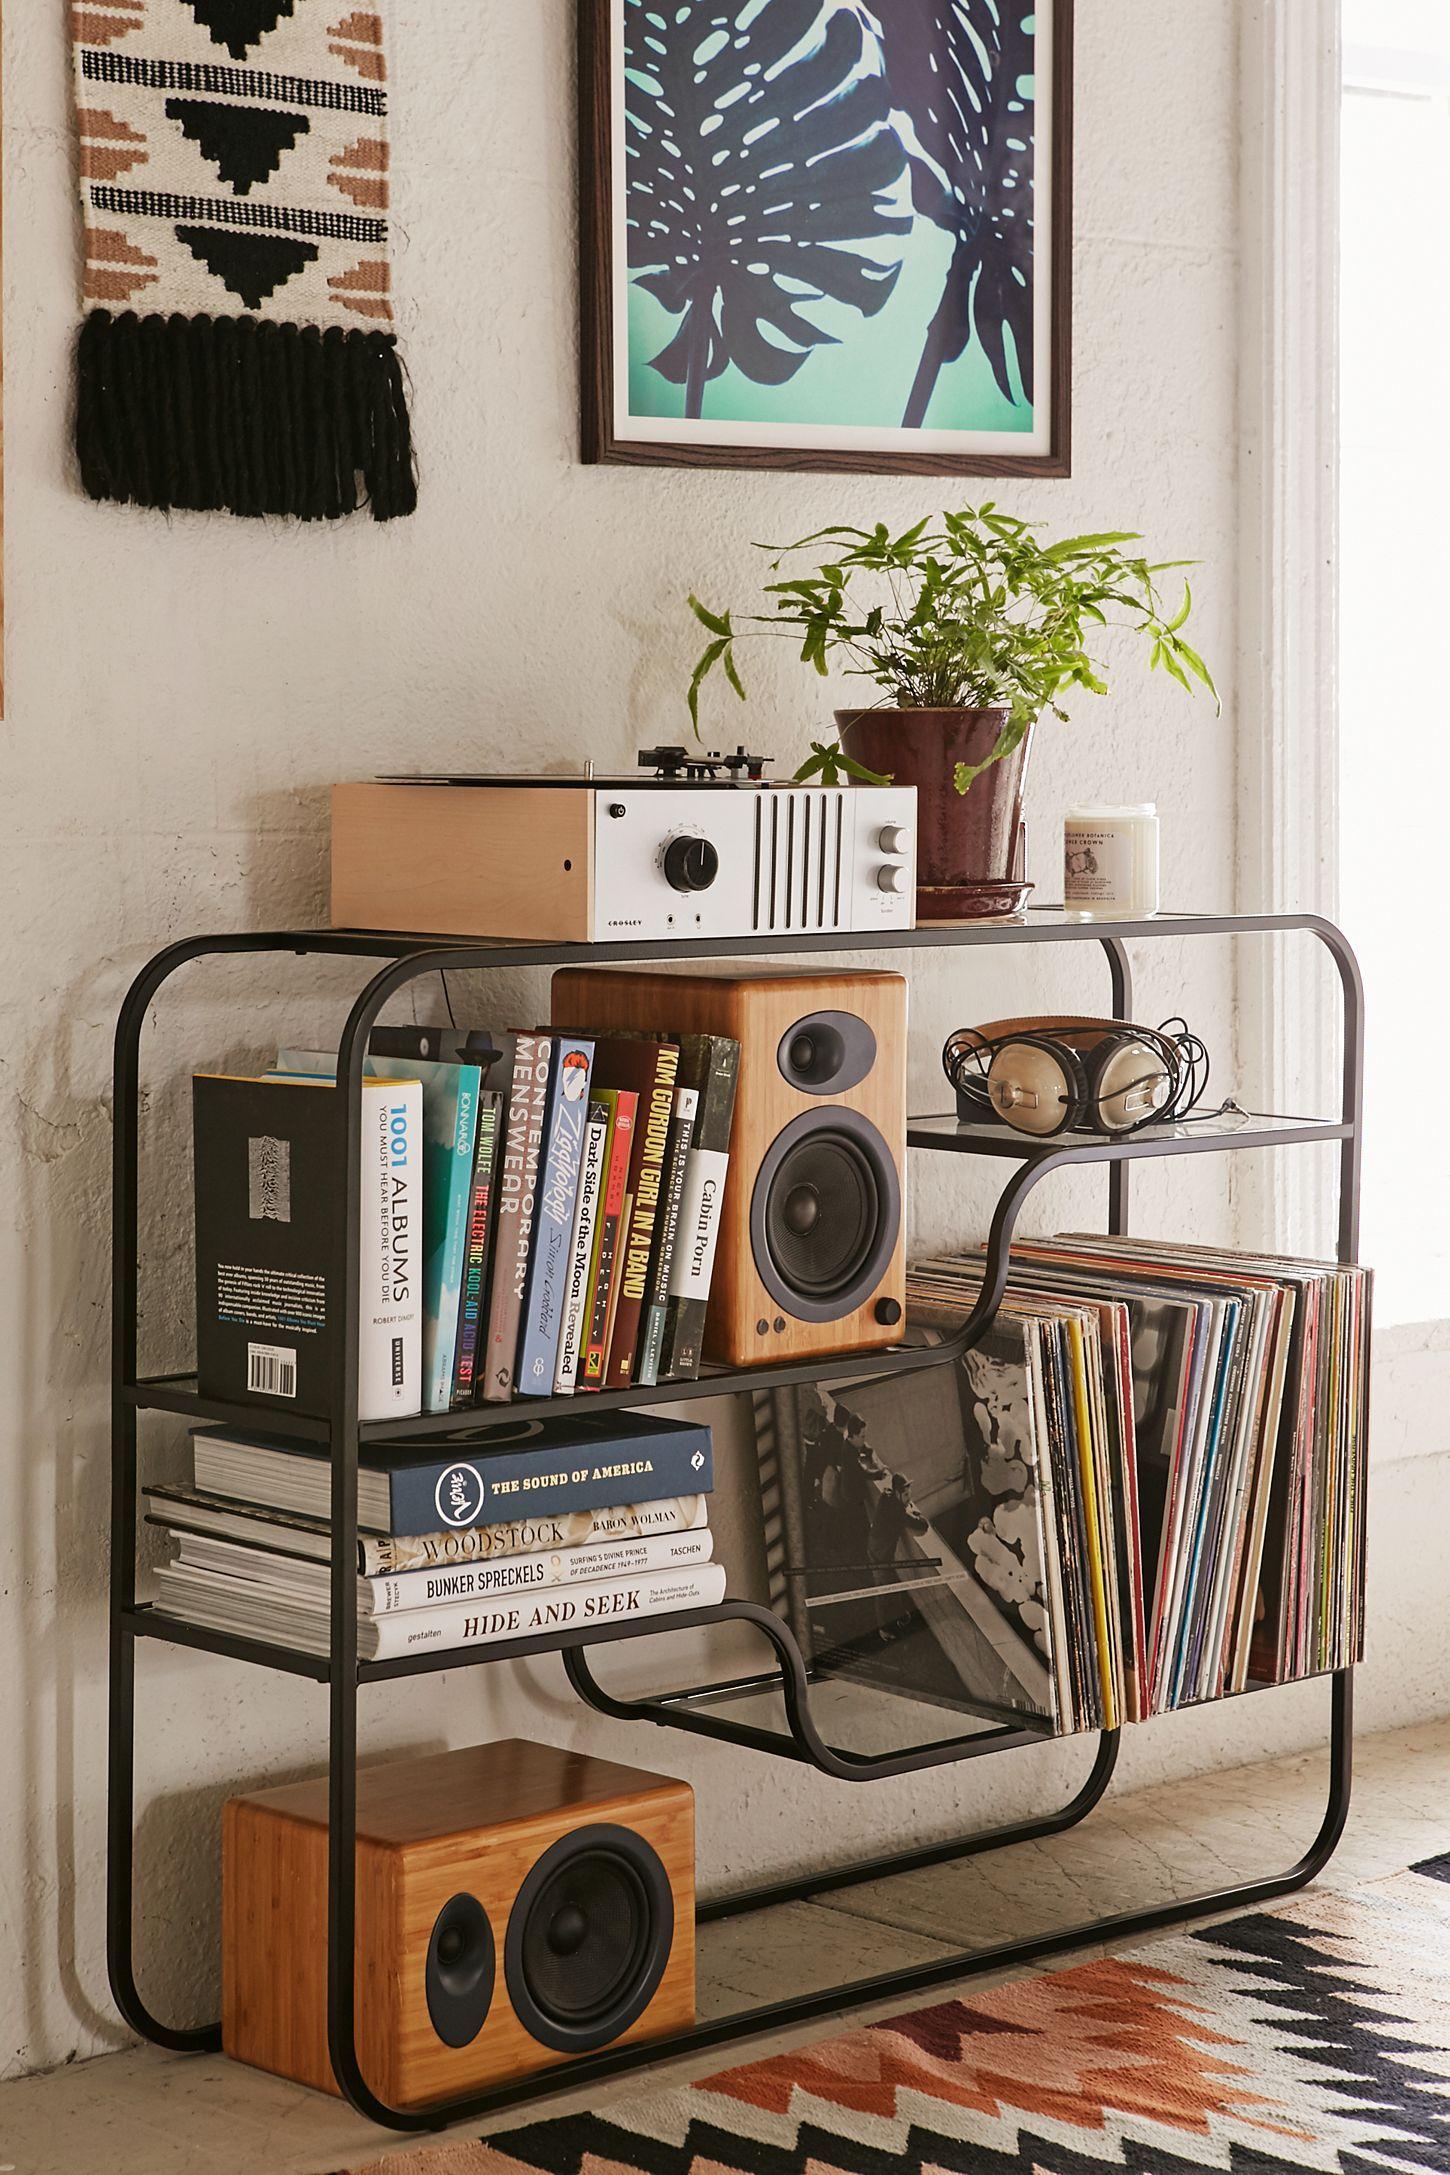 Odile Bookshelf